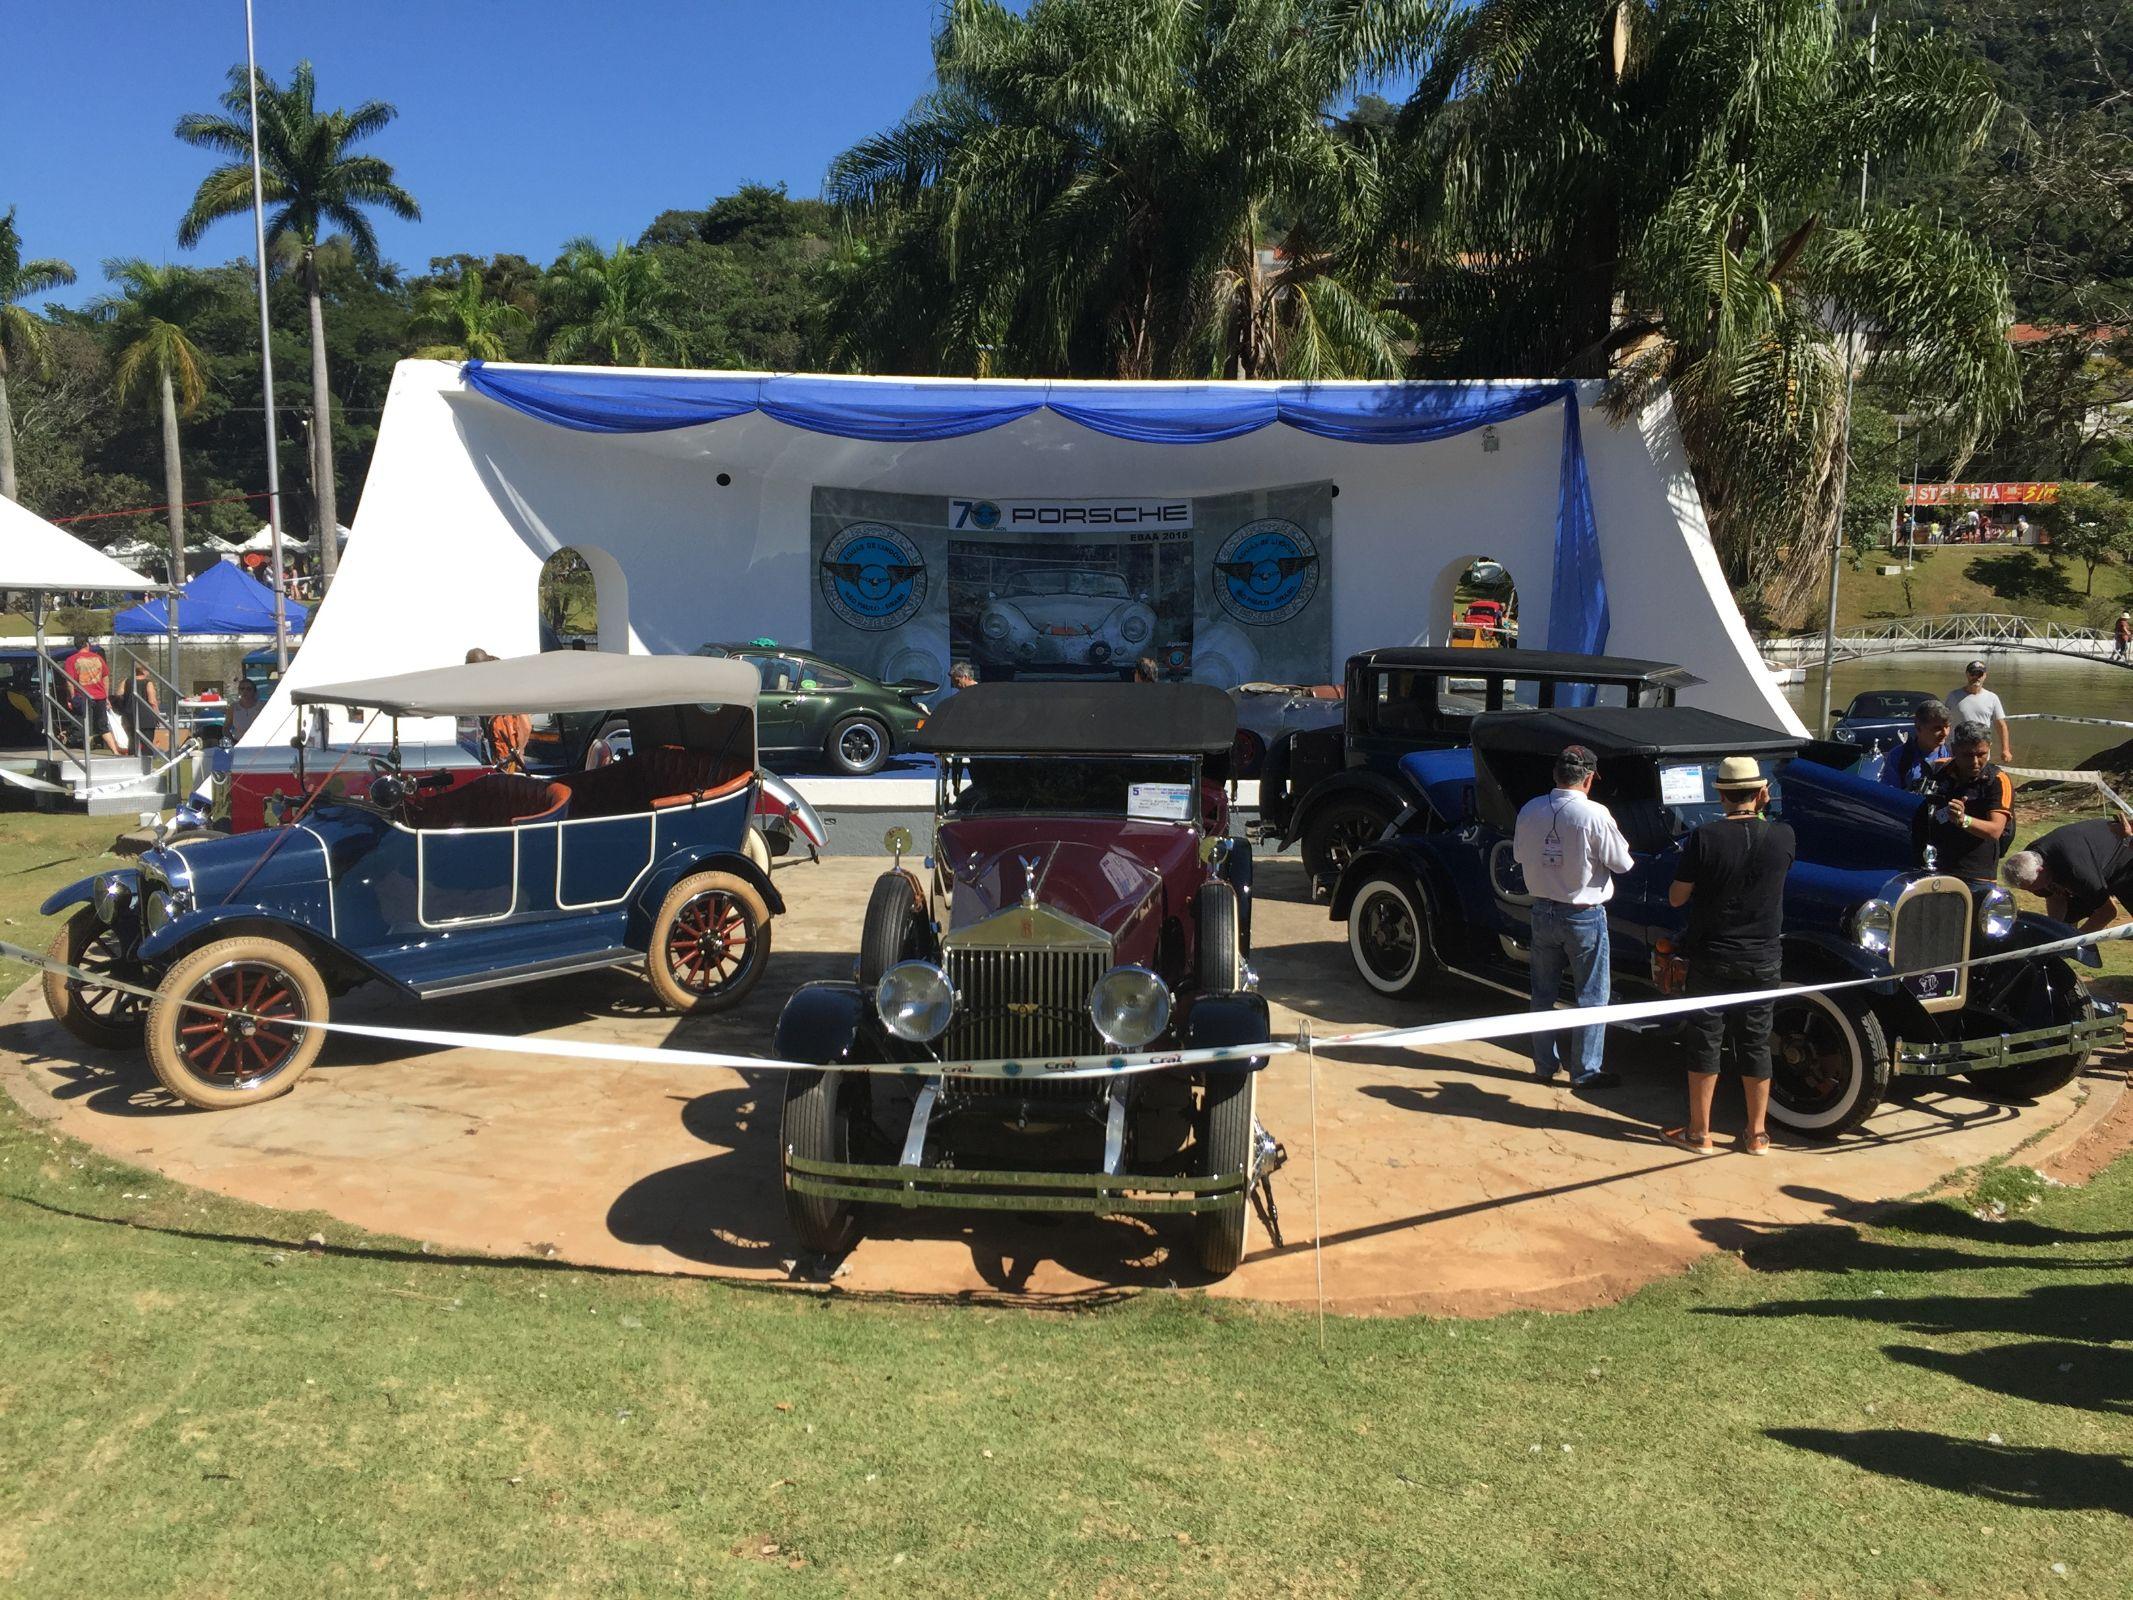 Voltado para o comércio, edição 2018 do encontro de carros antigos Águas de Lindóia, em SP, reuniu cerca de 1.300 veículos de coleção.